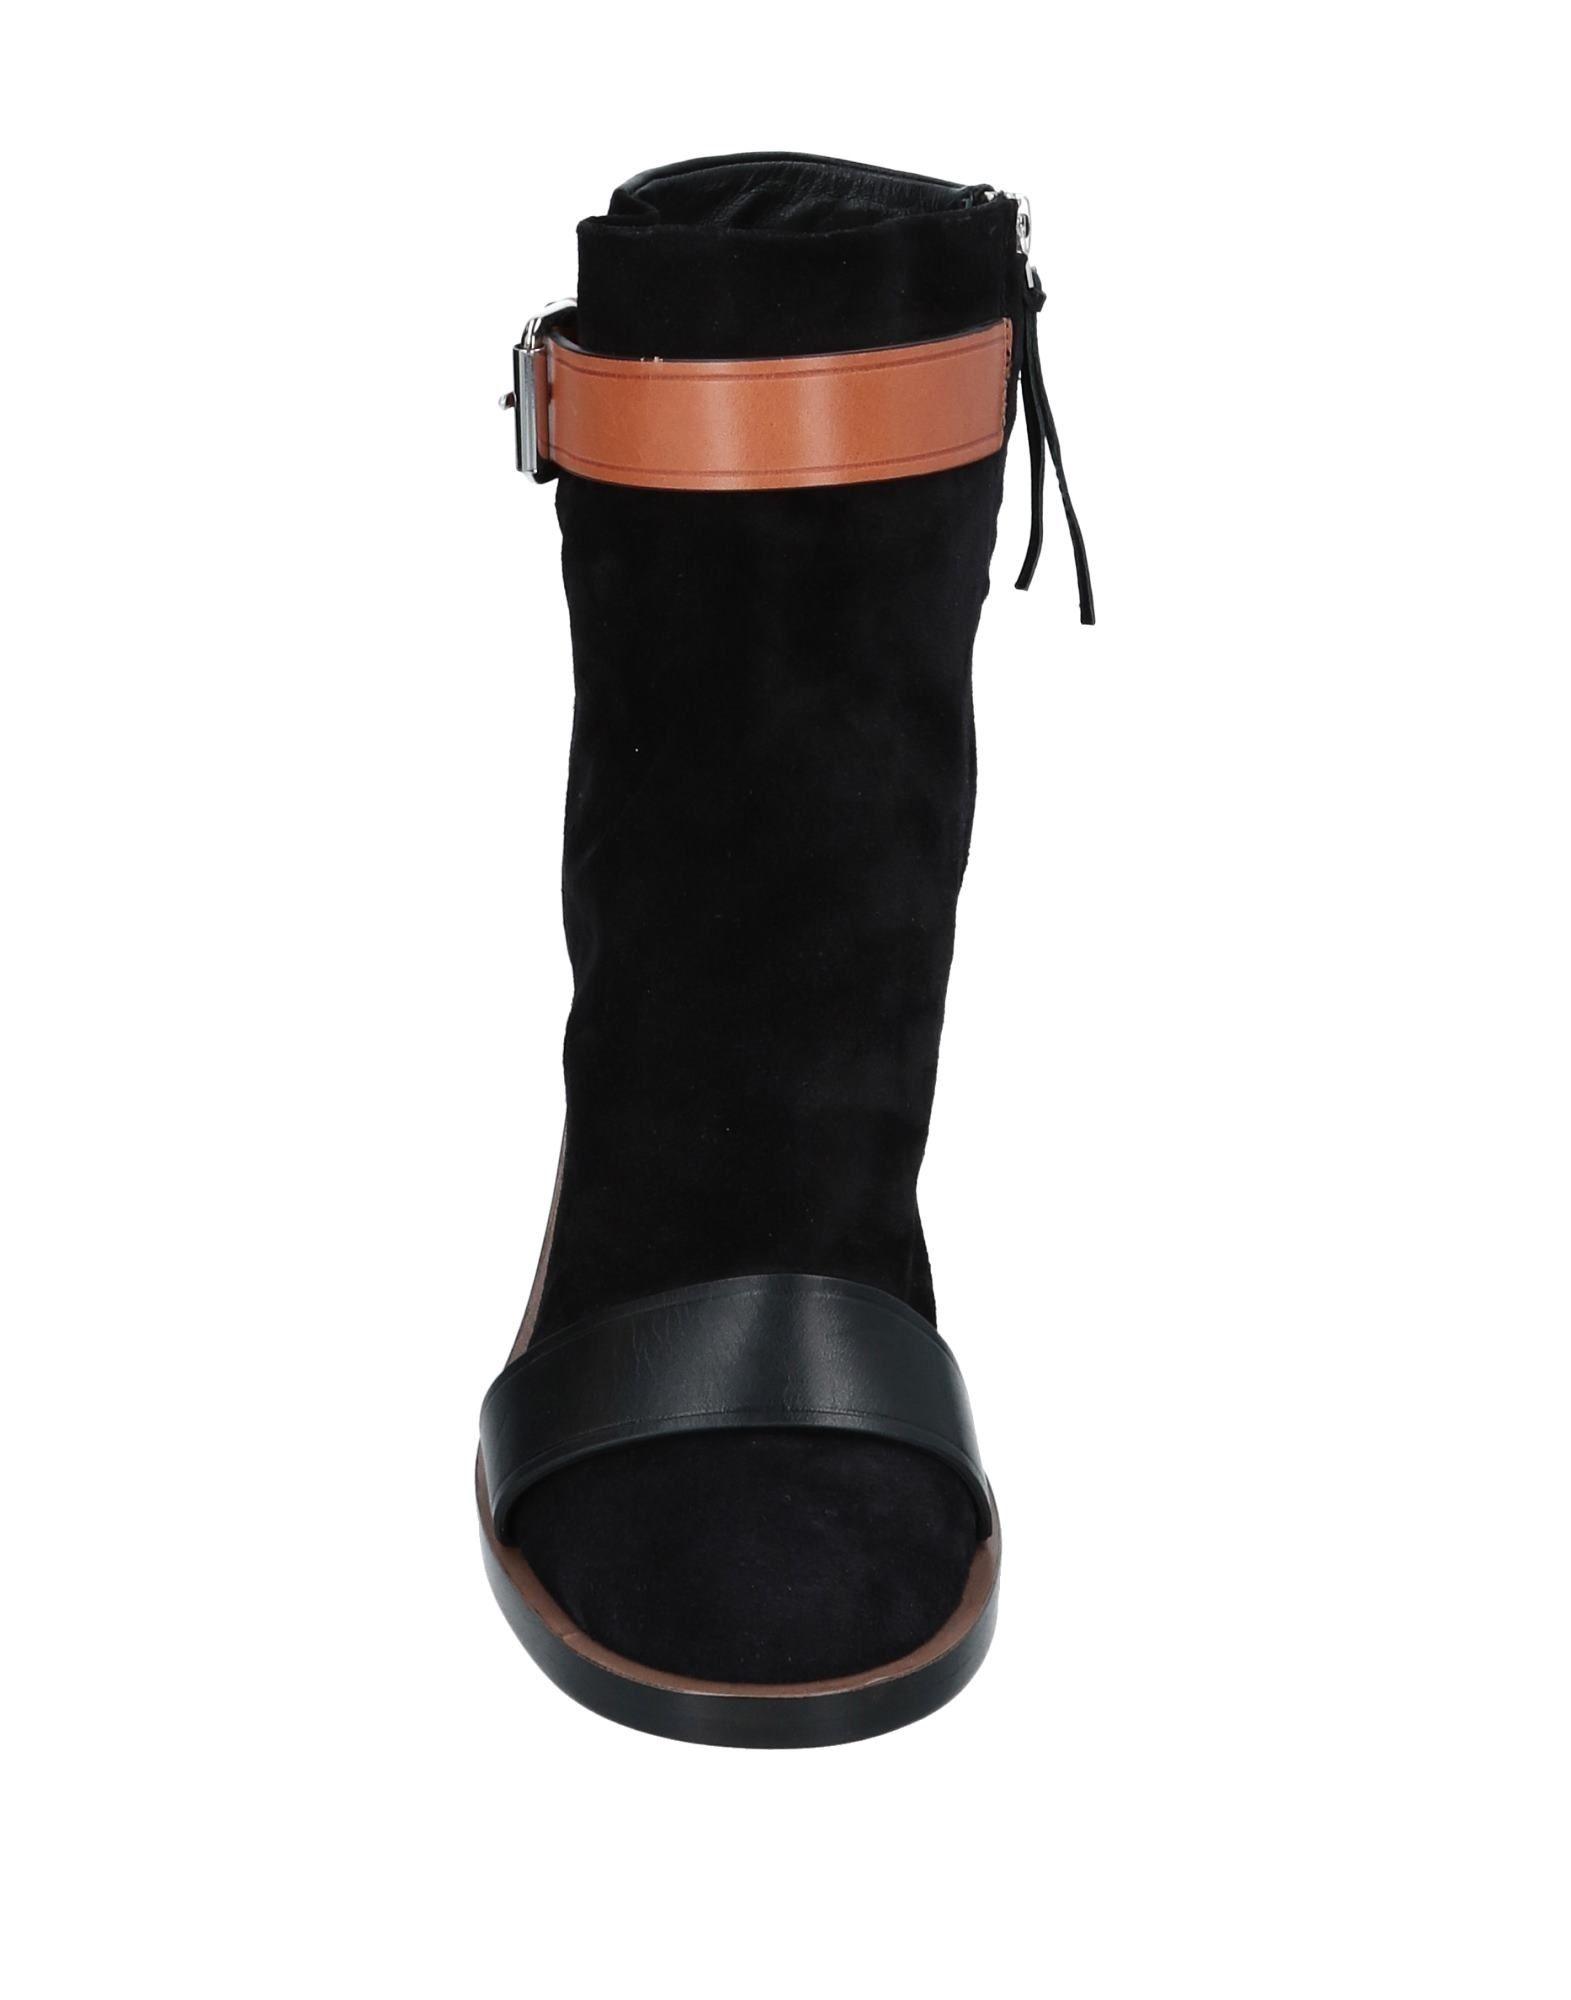 Isabel Marant Stiefelette Damen  11519047PUGünstige gut aussehende Schuhe